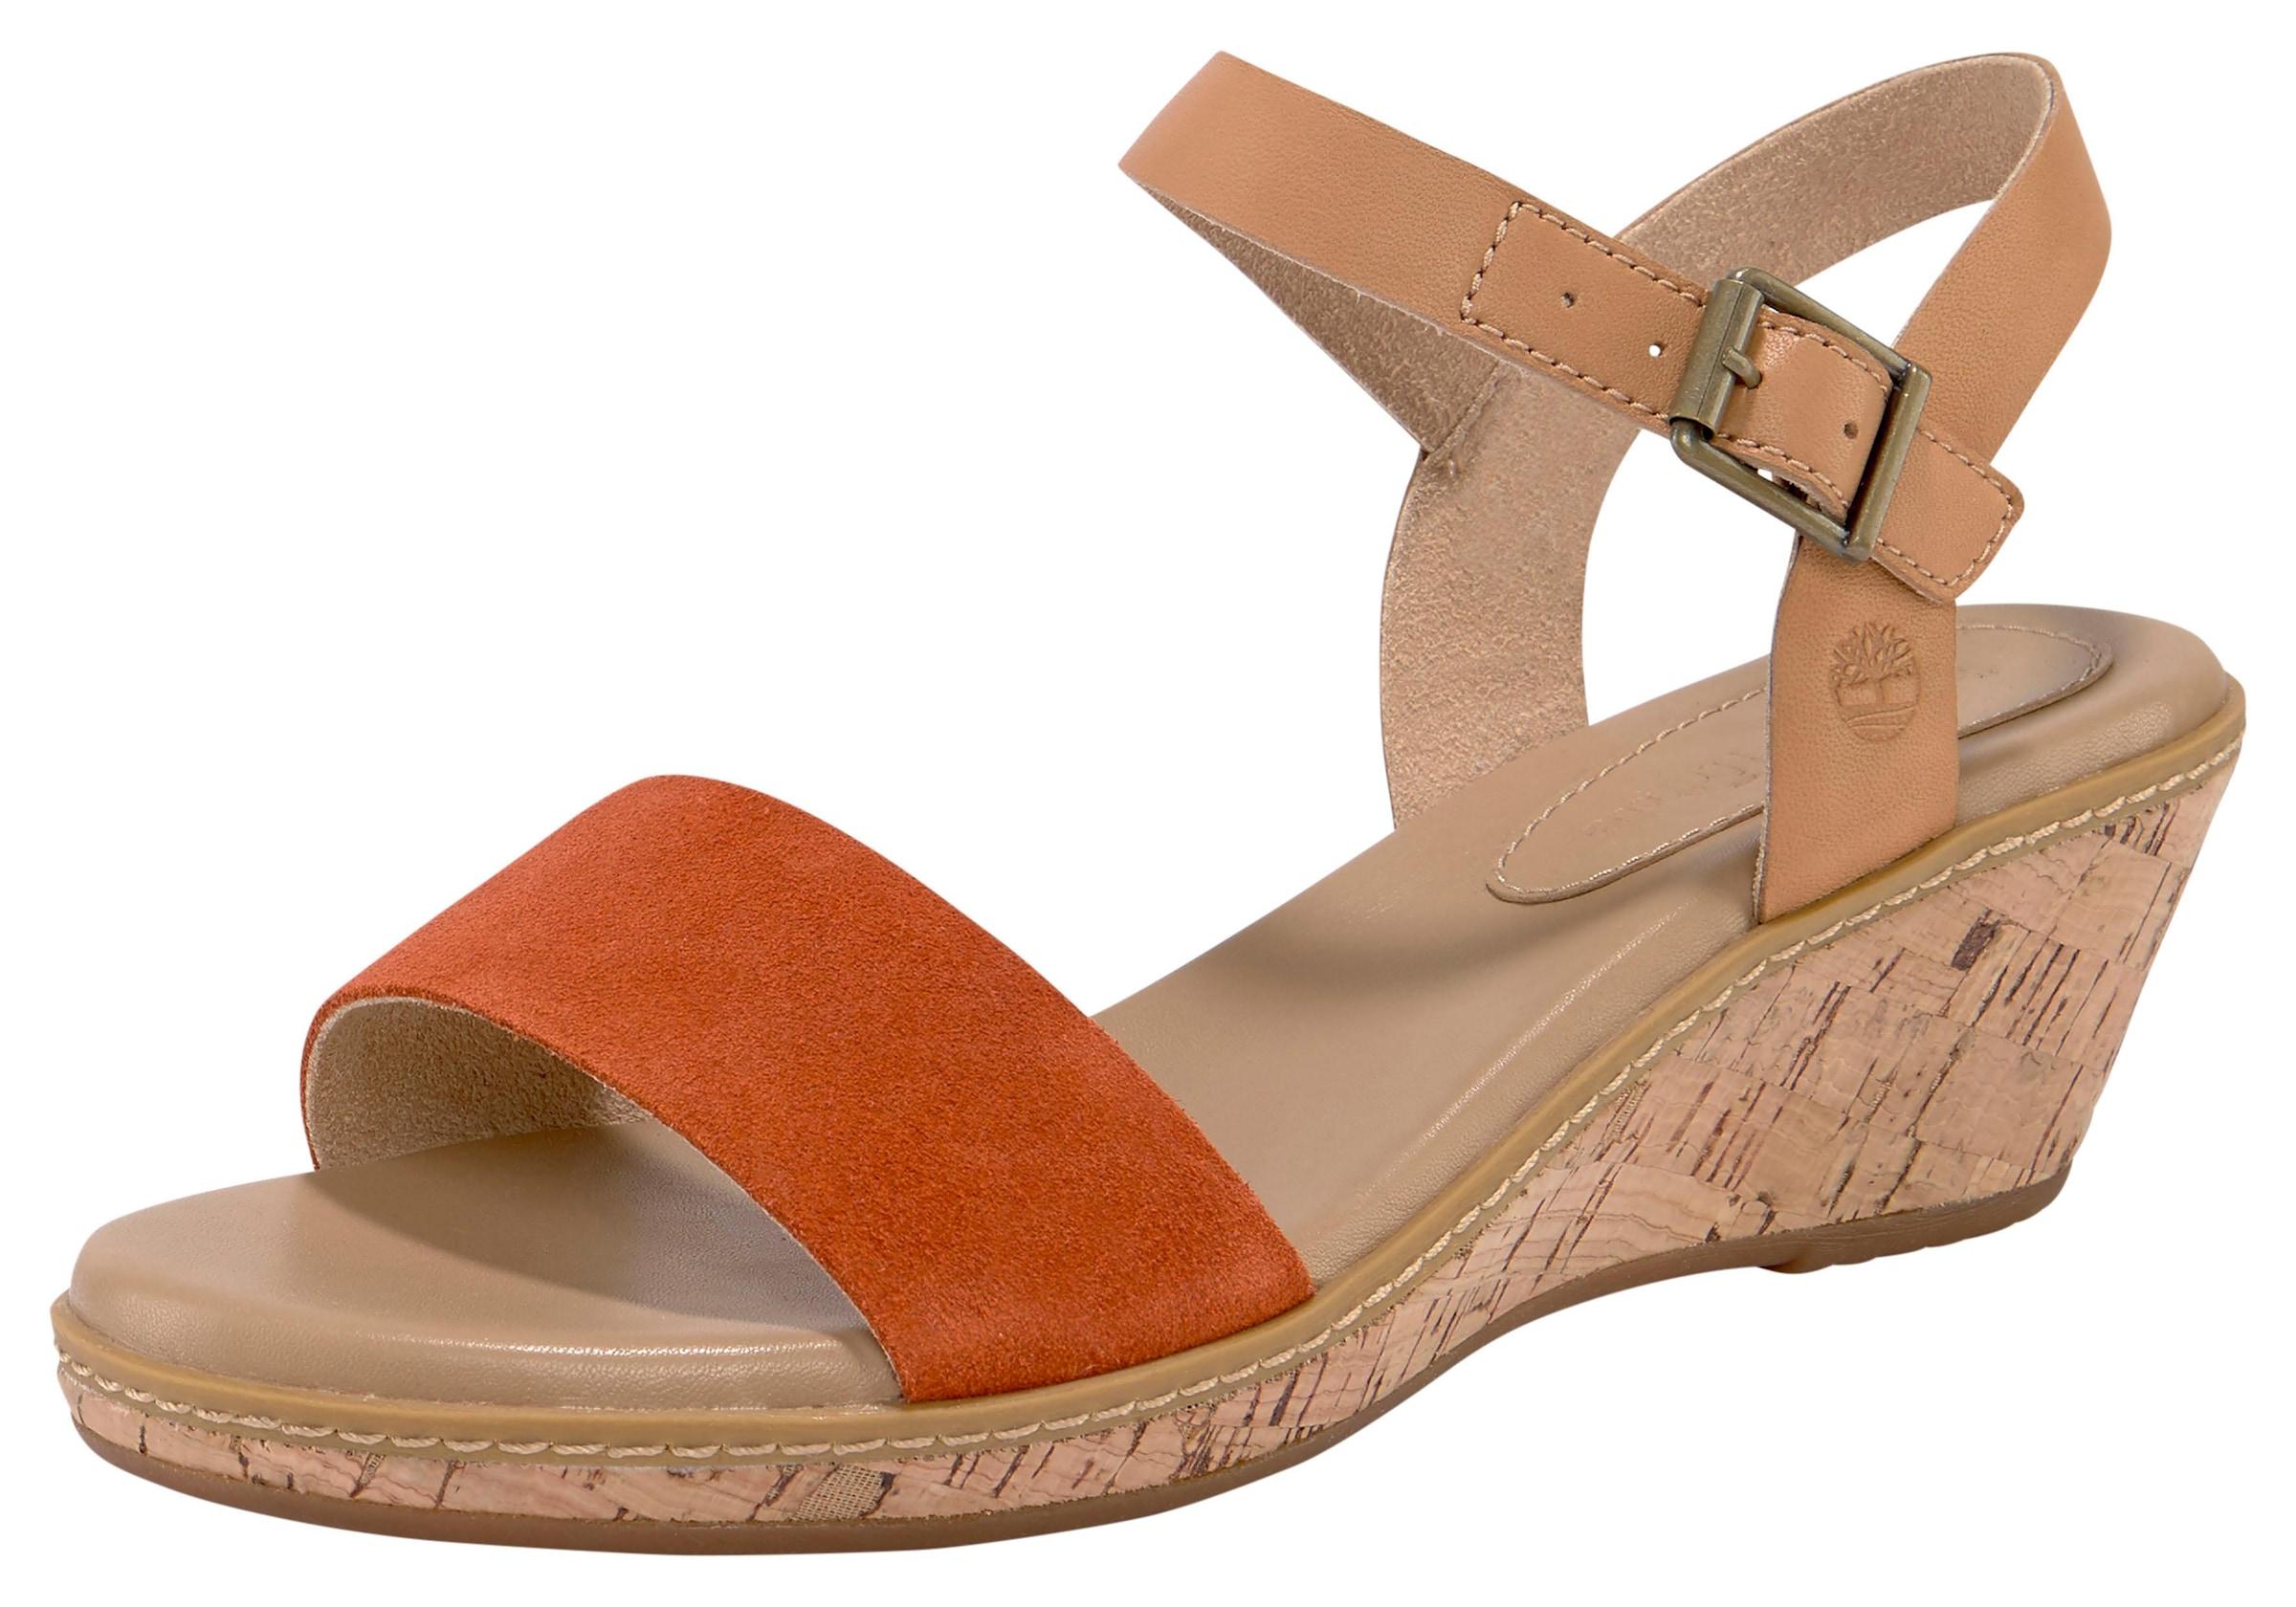 Timberland Sandale »Whittier Sandal« ▷ für Damen | BAUR